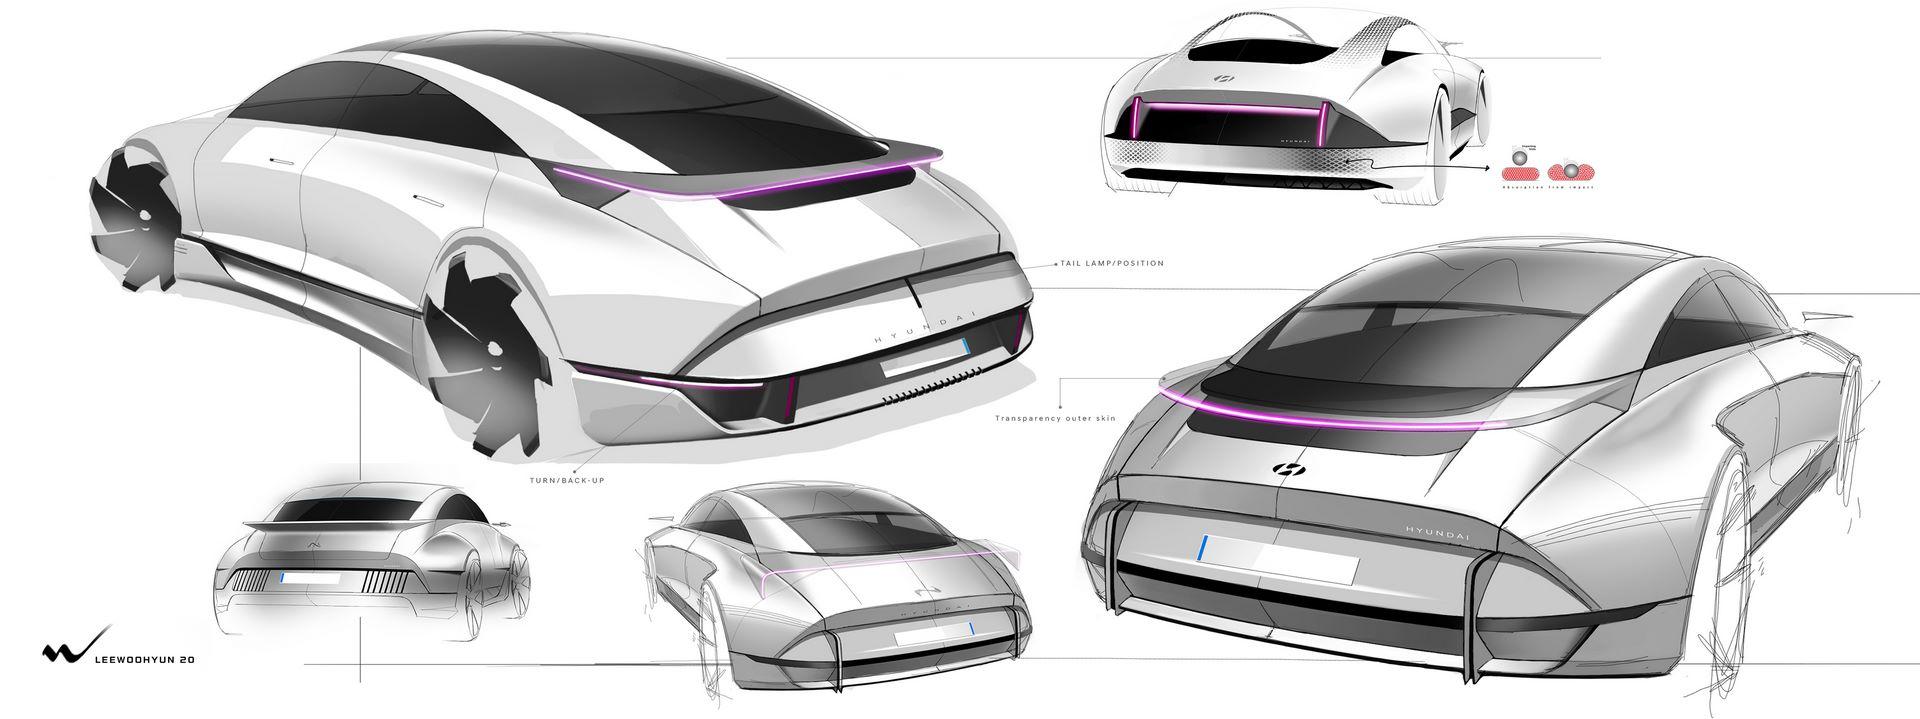 Hyundai-Prophecy-Concept-27